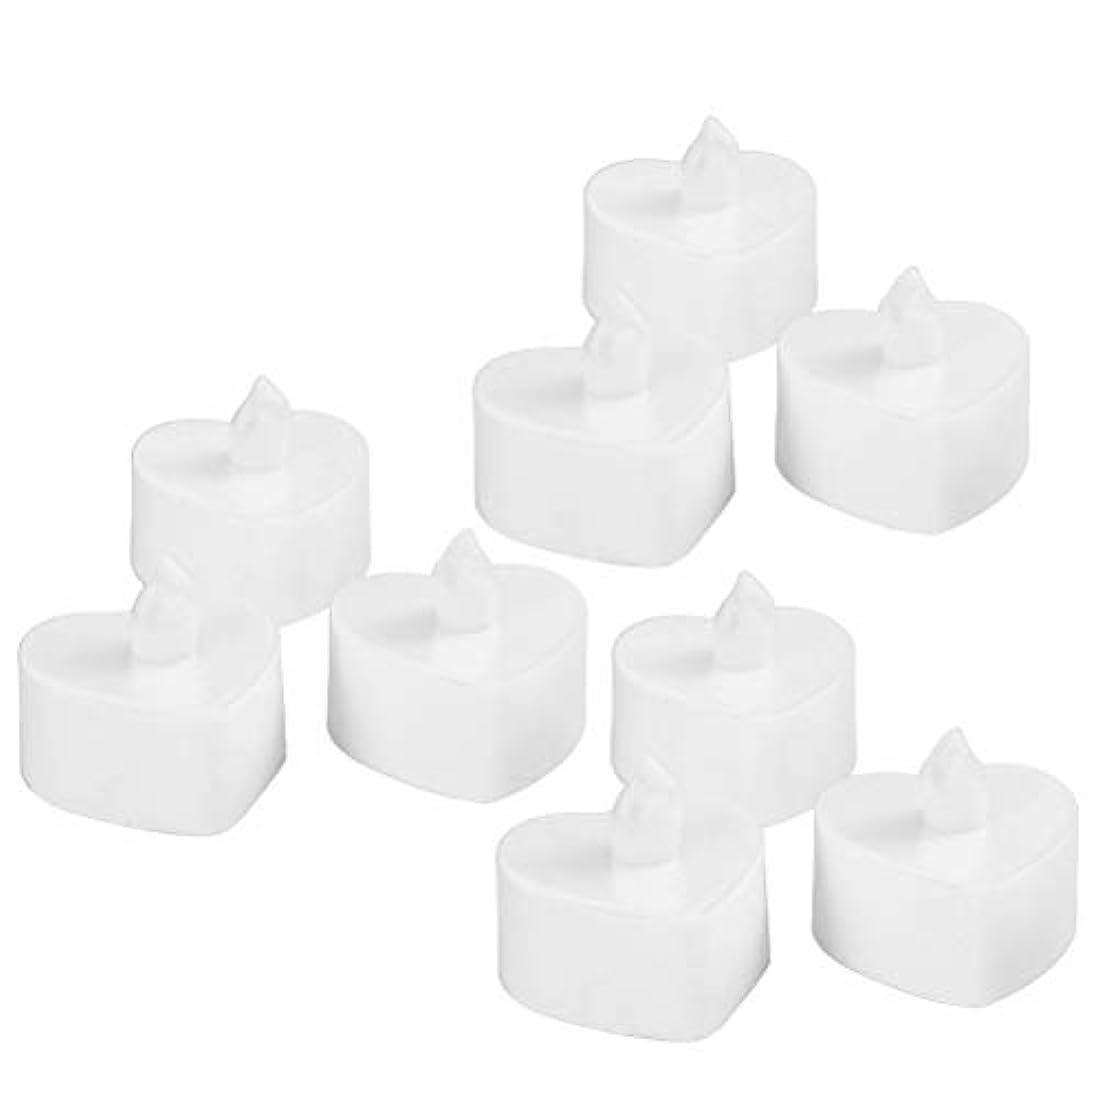 消えるフレキシブル集中的なBESTOYARD 10個無炎キャンドルバッテリーは、キャンドルの結婚式のパーティーフェスティバルの装飾(白いシェル黄色の光)